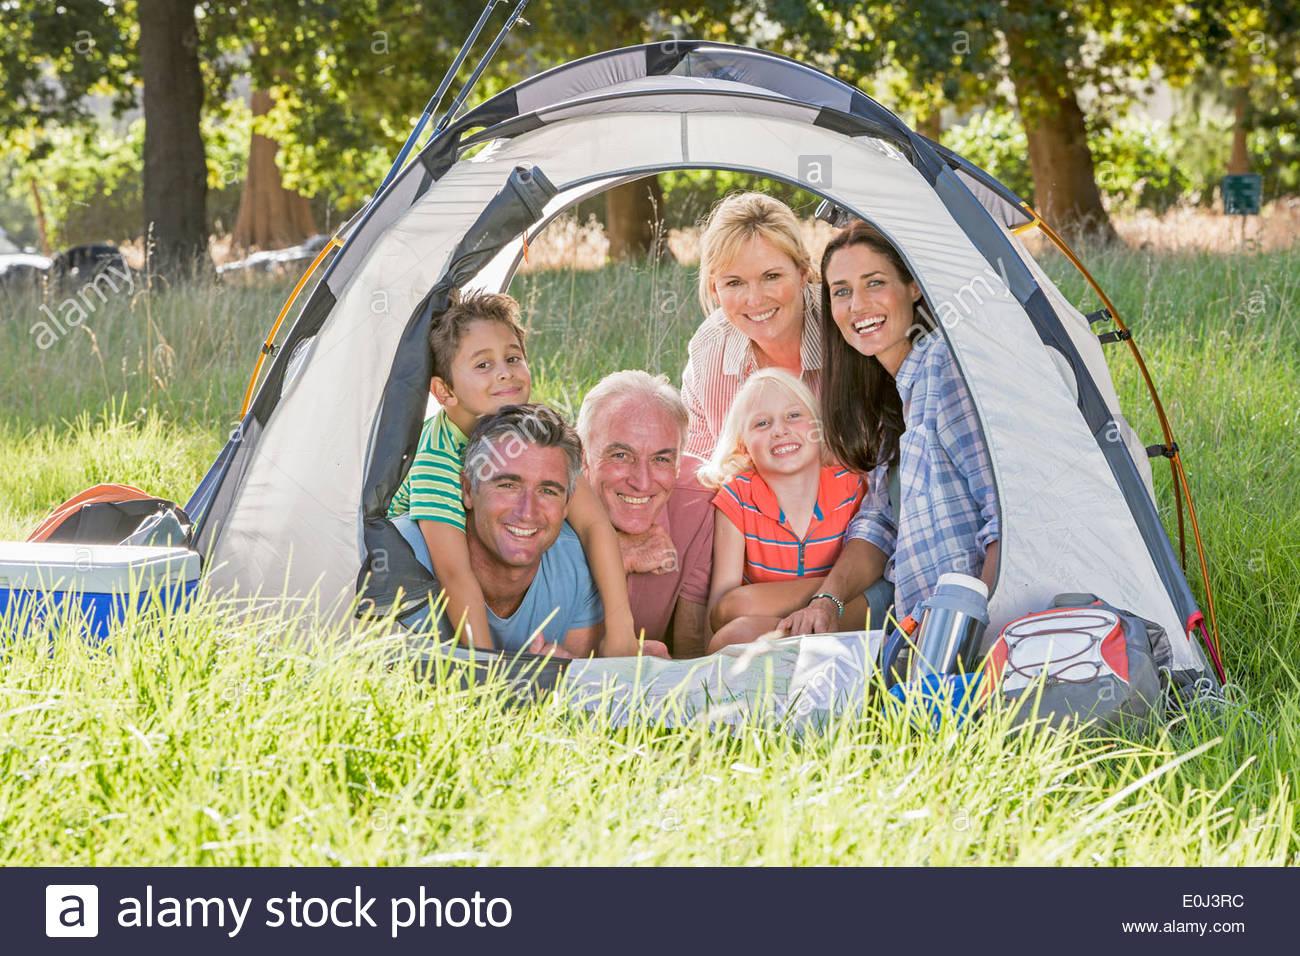 Multi-Generation Family Enjoying Camping Trip - Stock Image